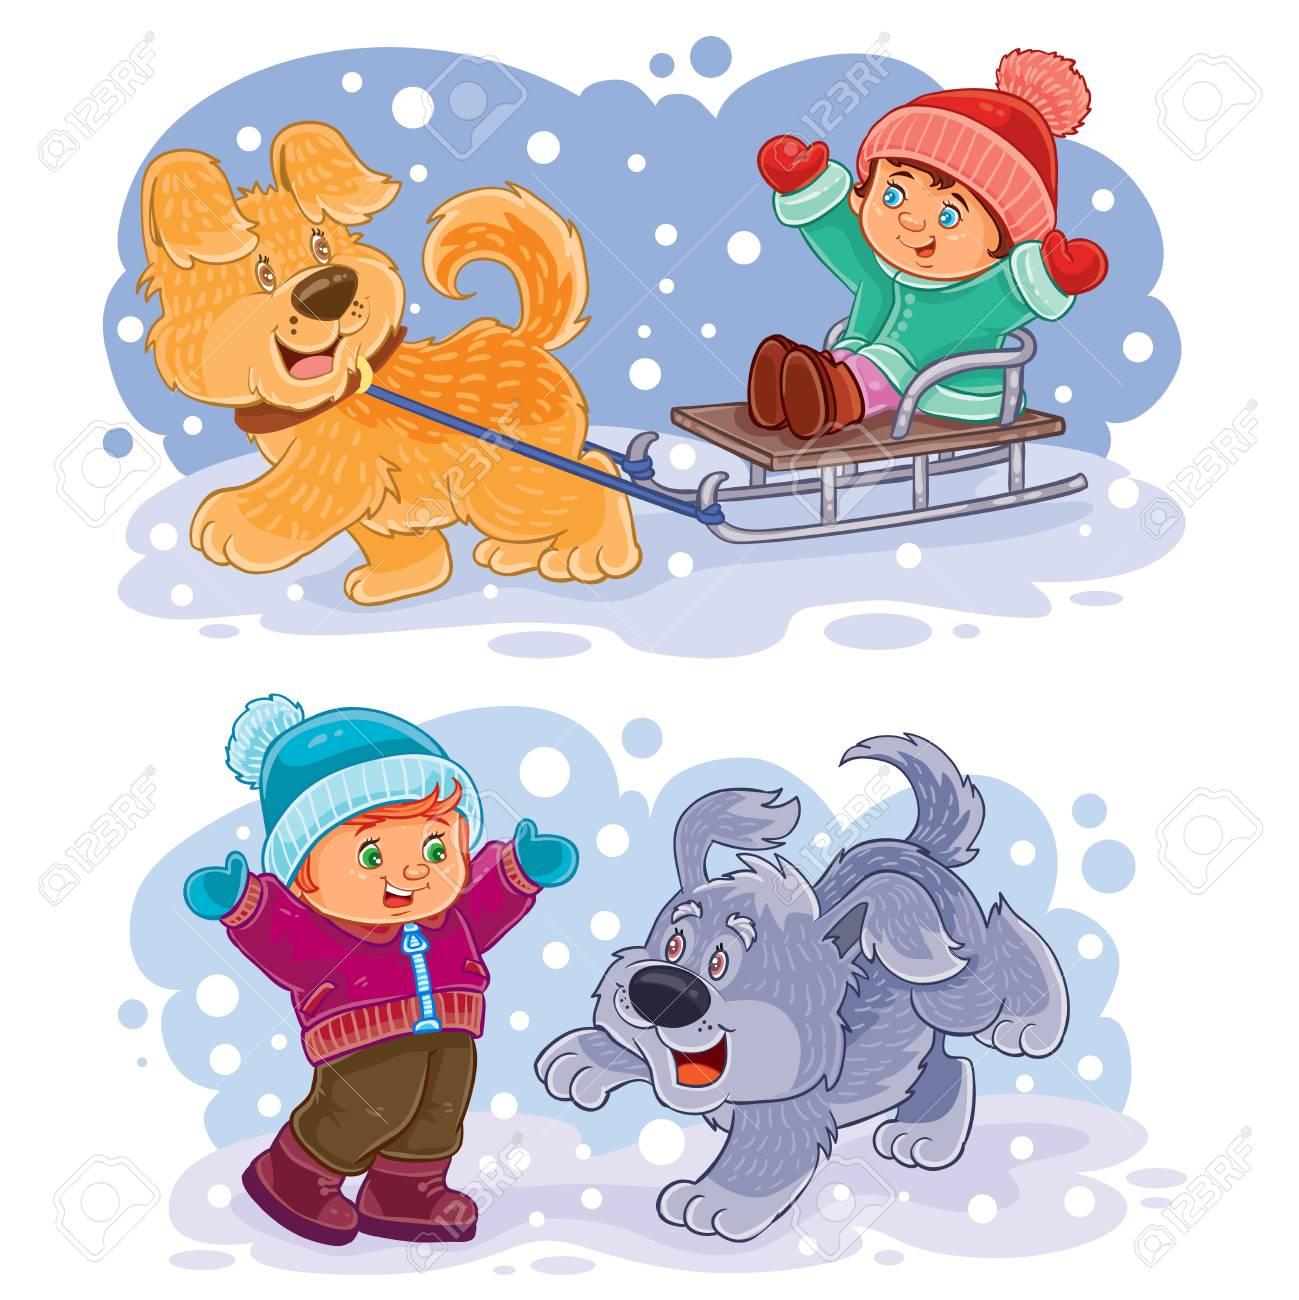 犬たちと外で遊ぶ冬ベクトル クリップ アート イラスト小さな子供の